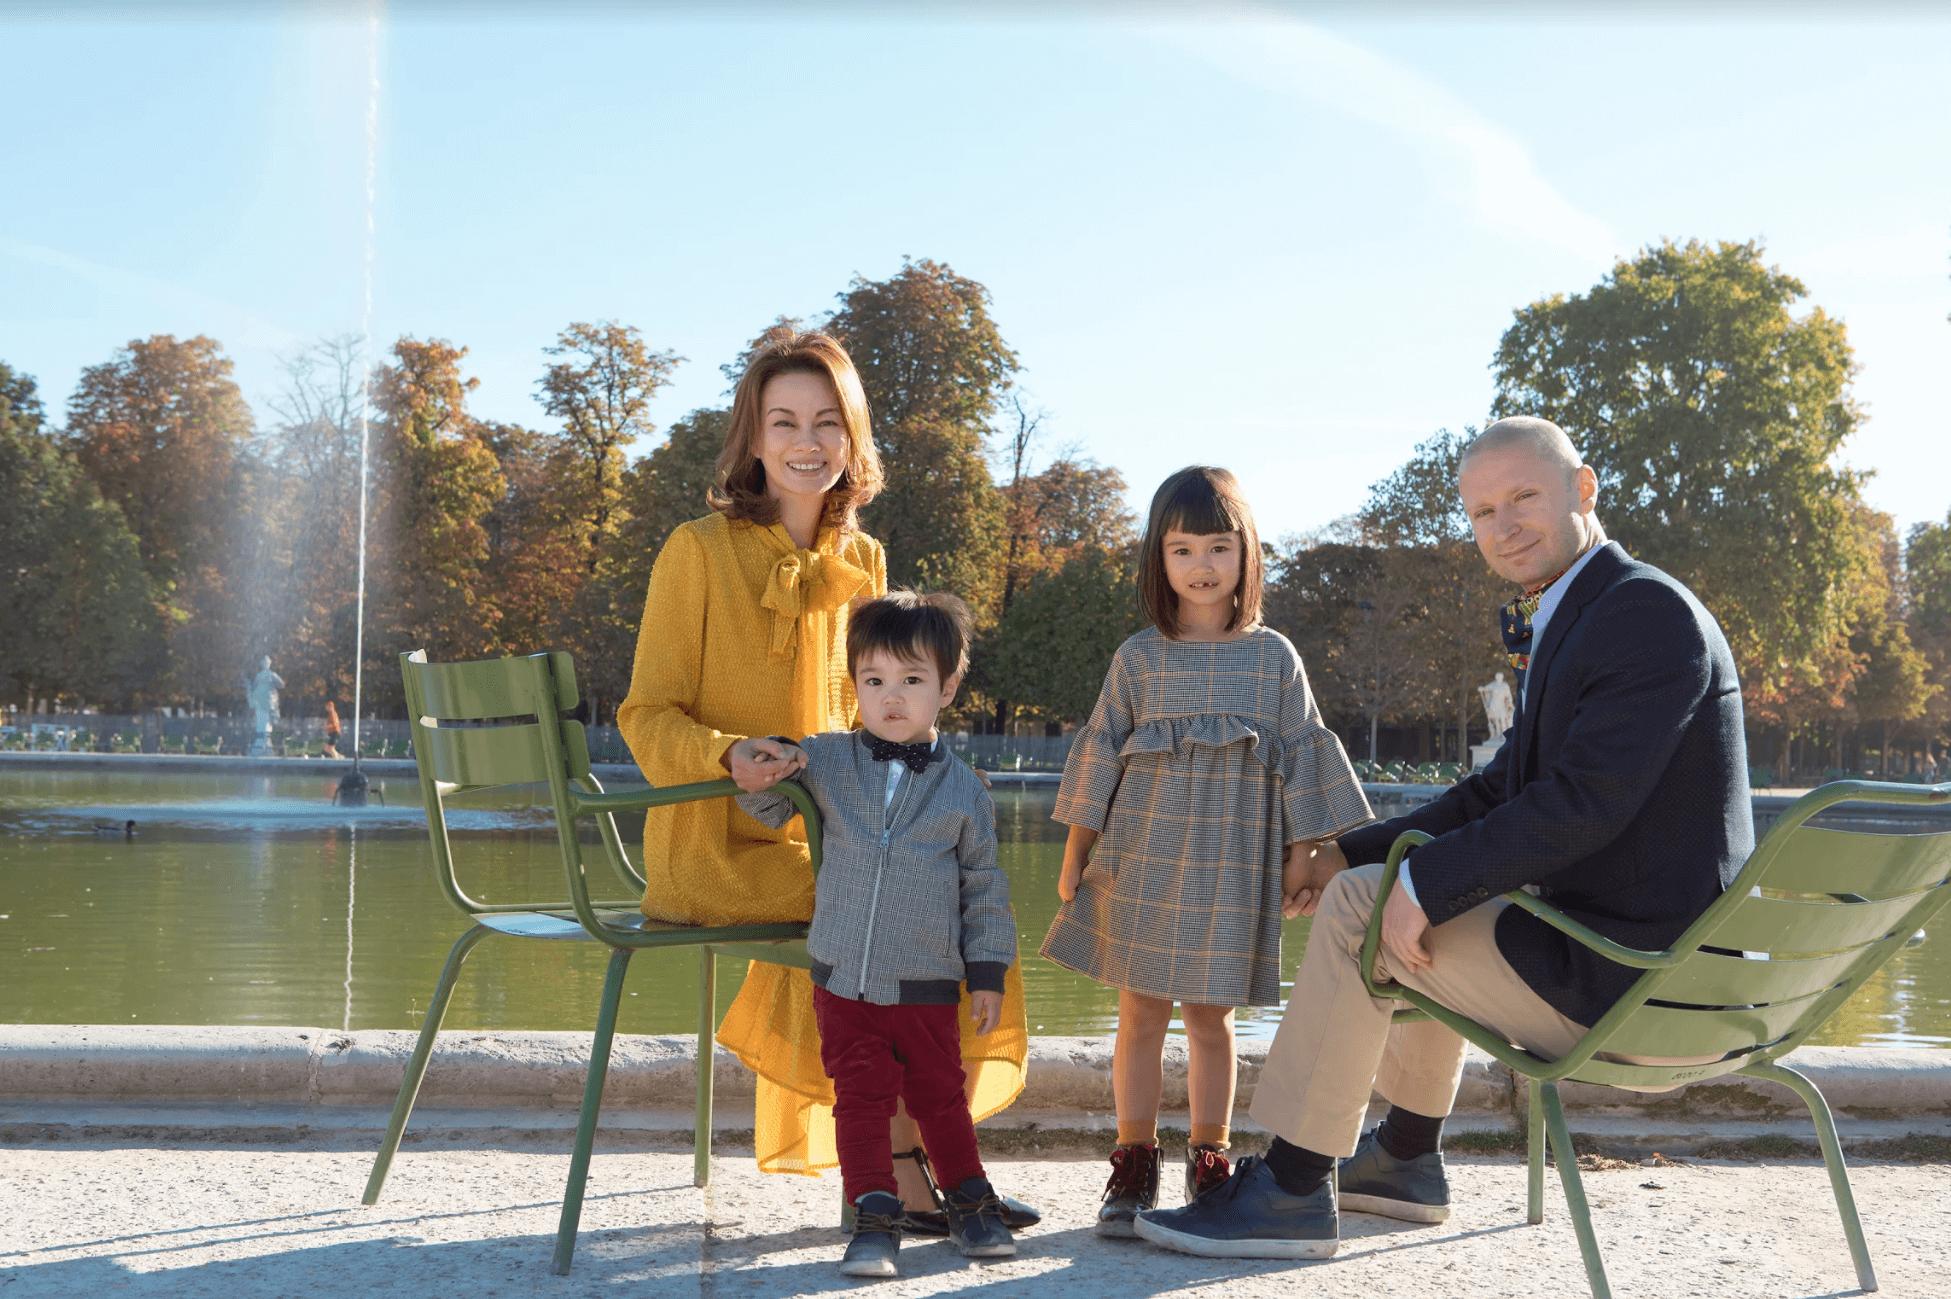 Family in Tuileries garden